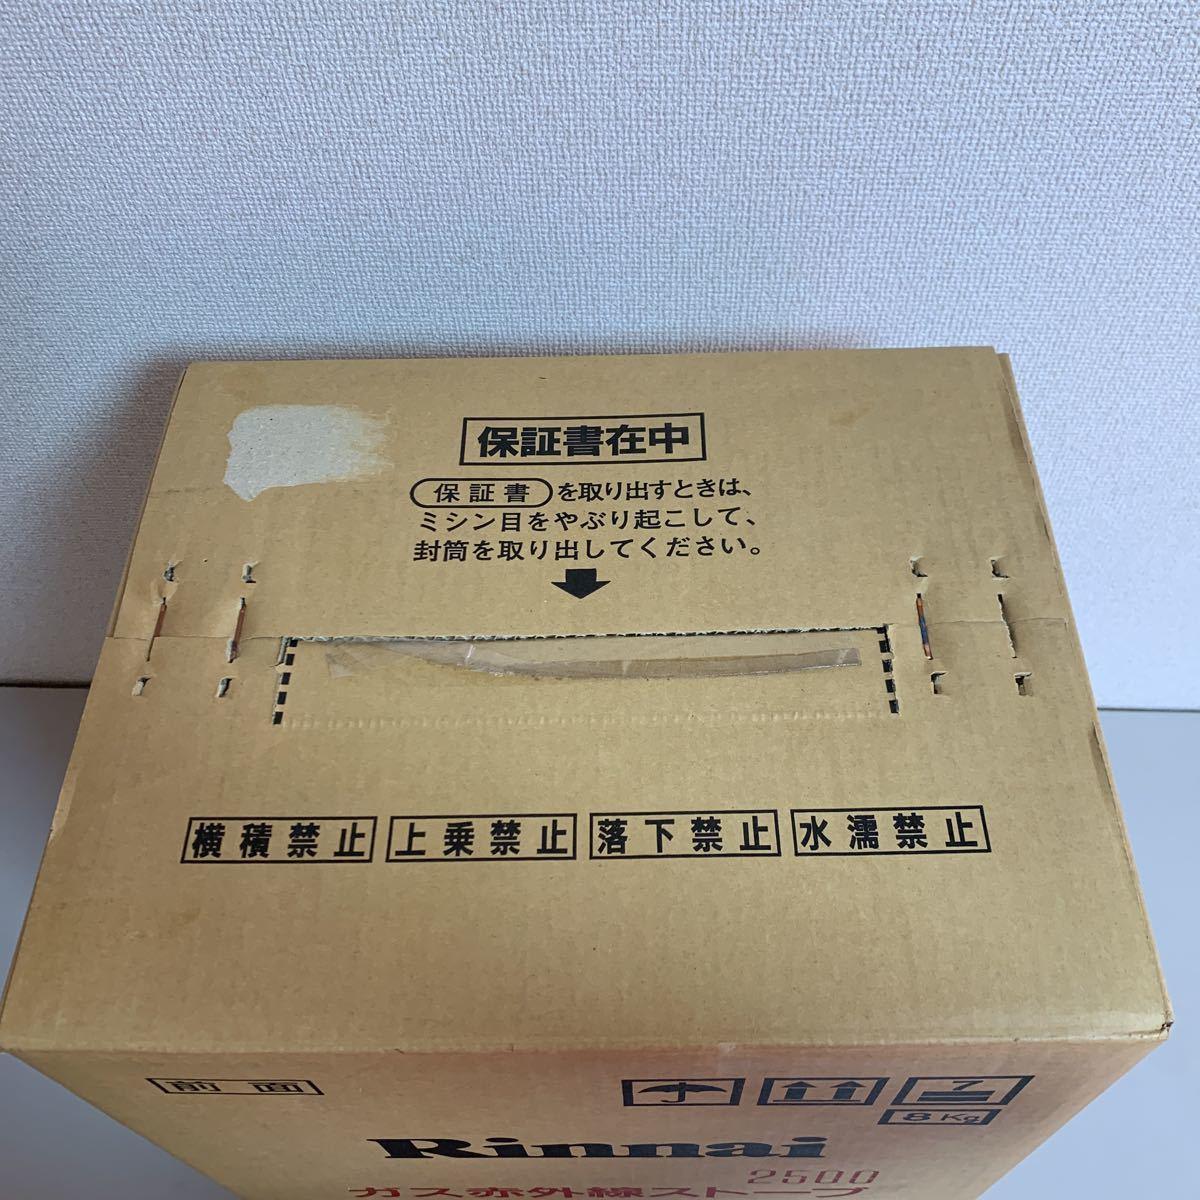 ★新古品 Rinnai ガス赤外線ストーブ R-652PMSⅢ ★_画像4